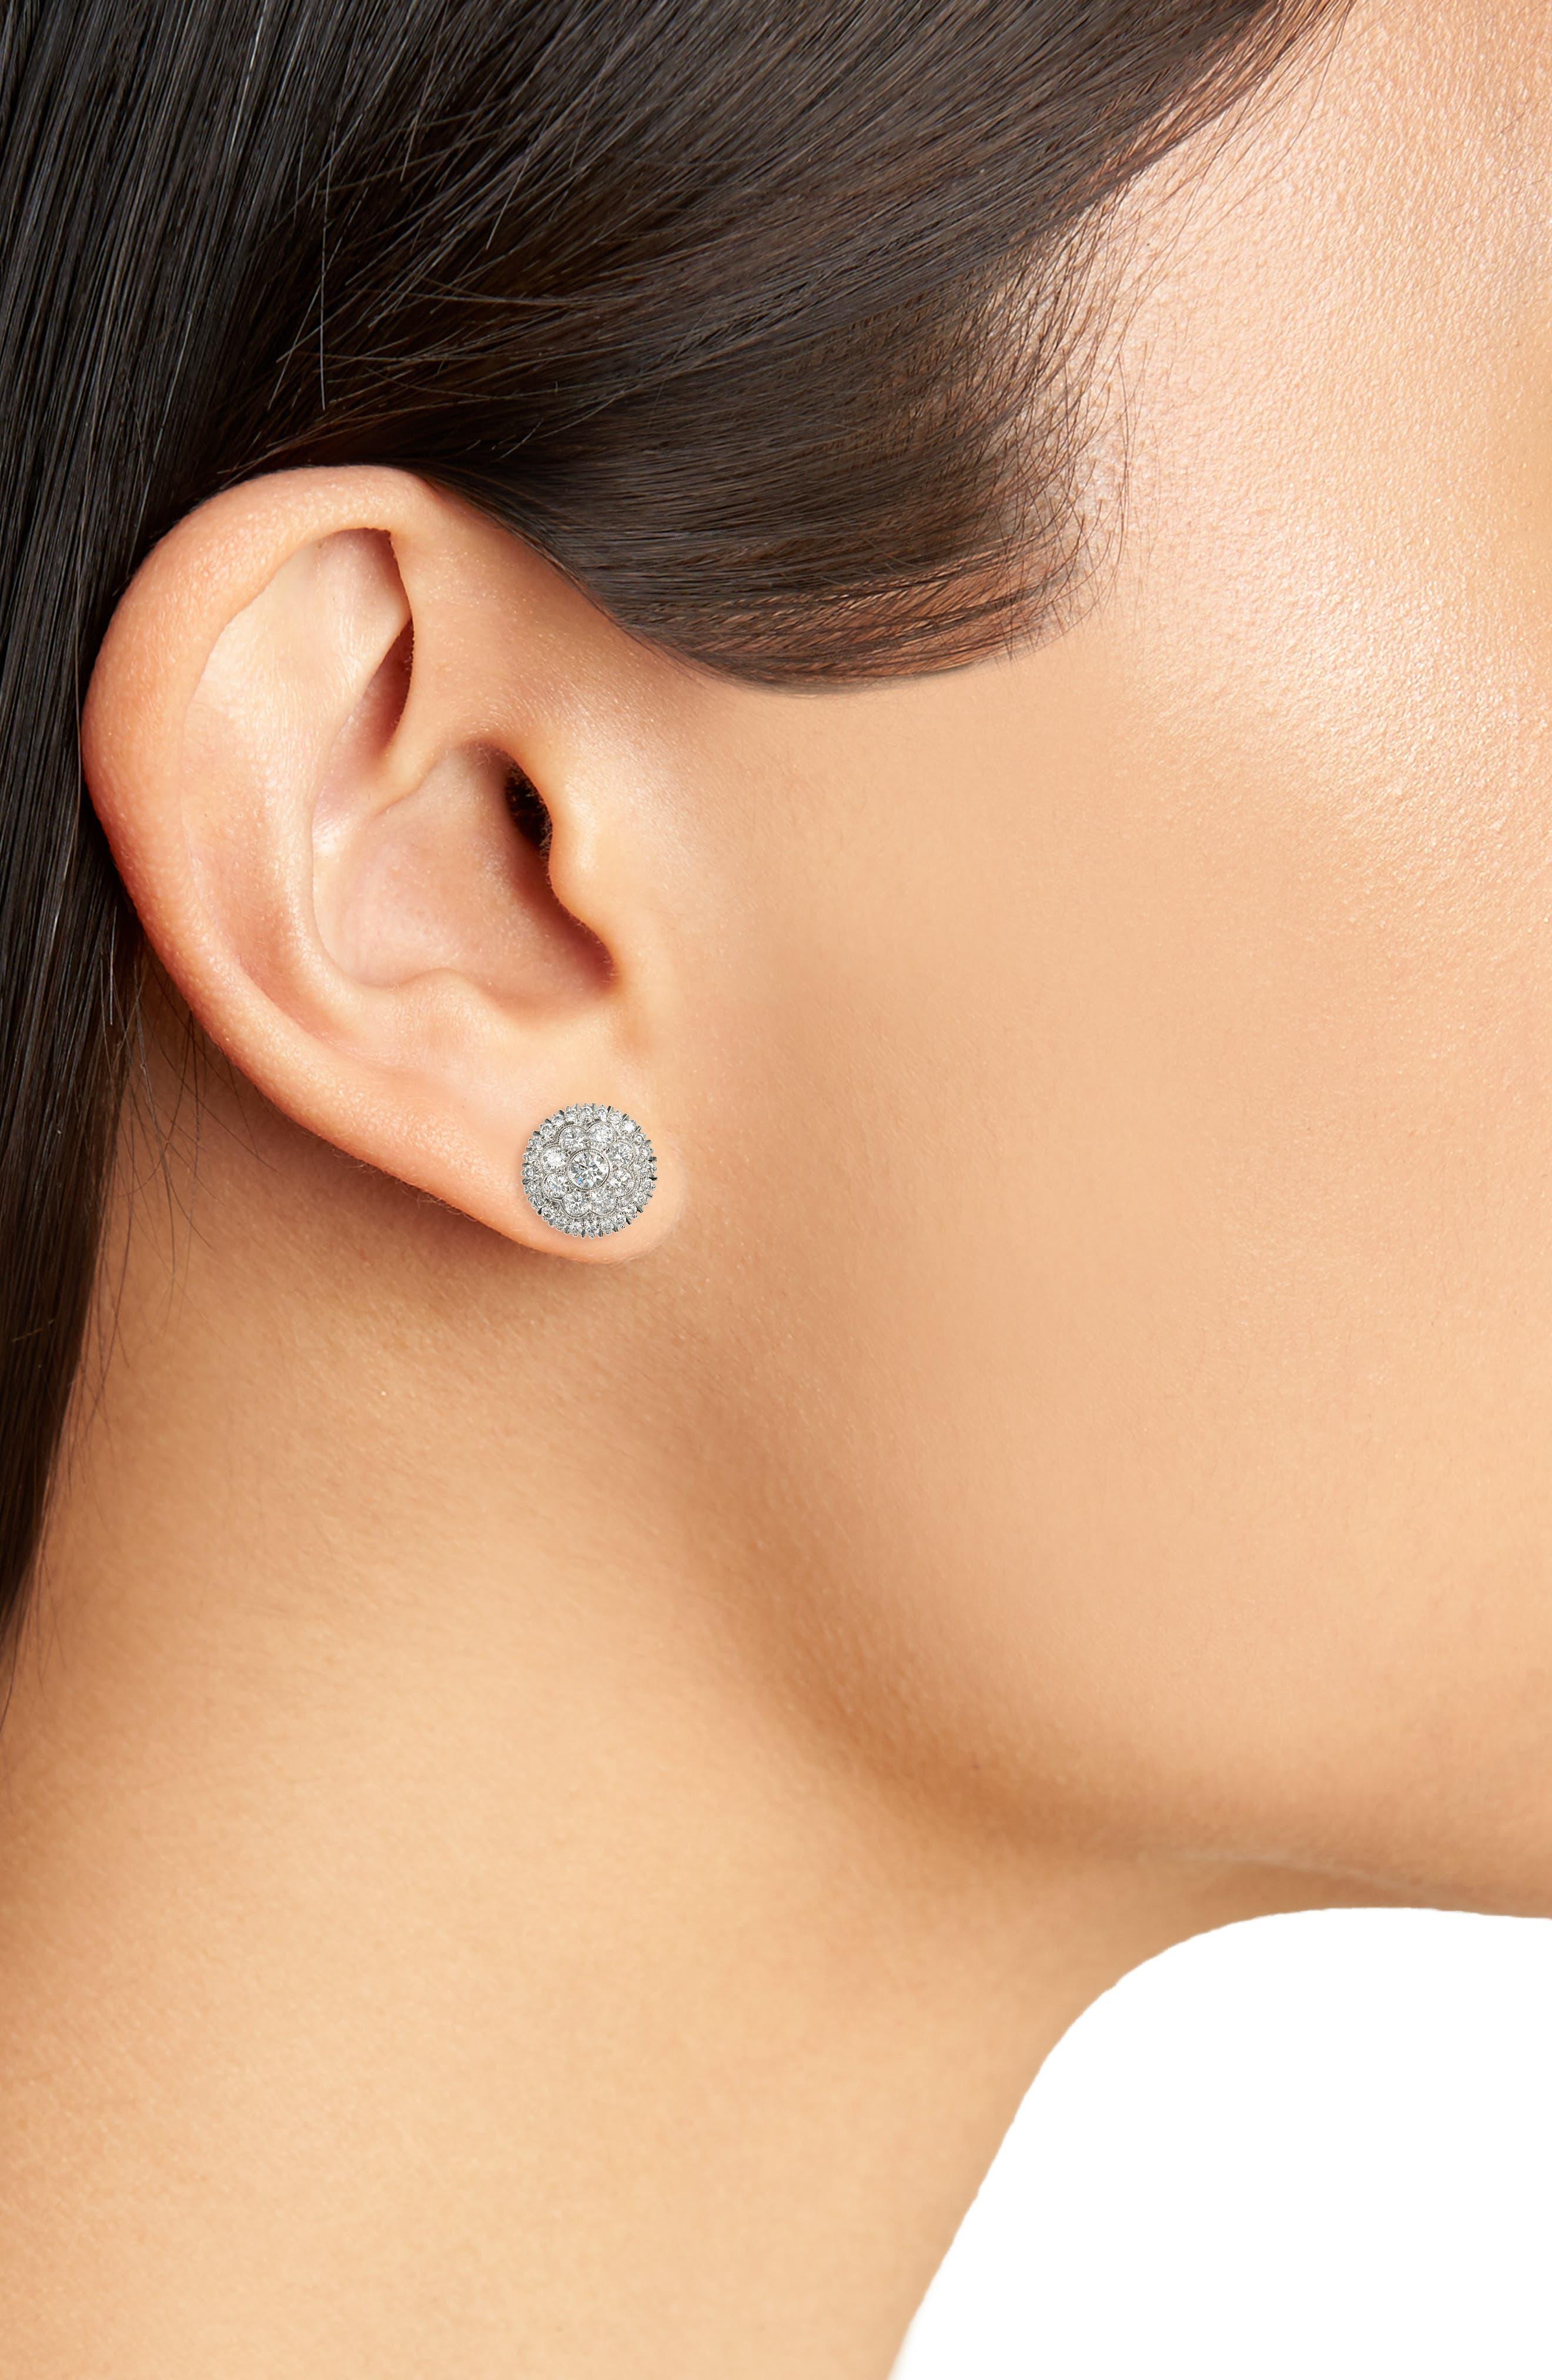 Diamond Stud Earrings,                             Alternate thumbnail 2, color,                             White Gold